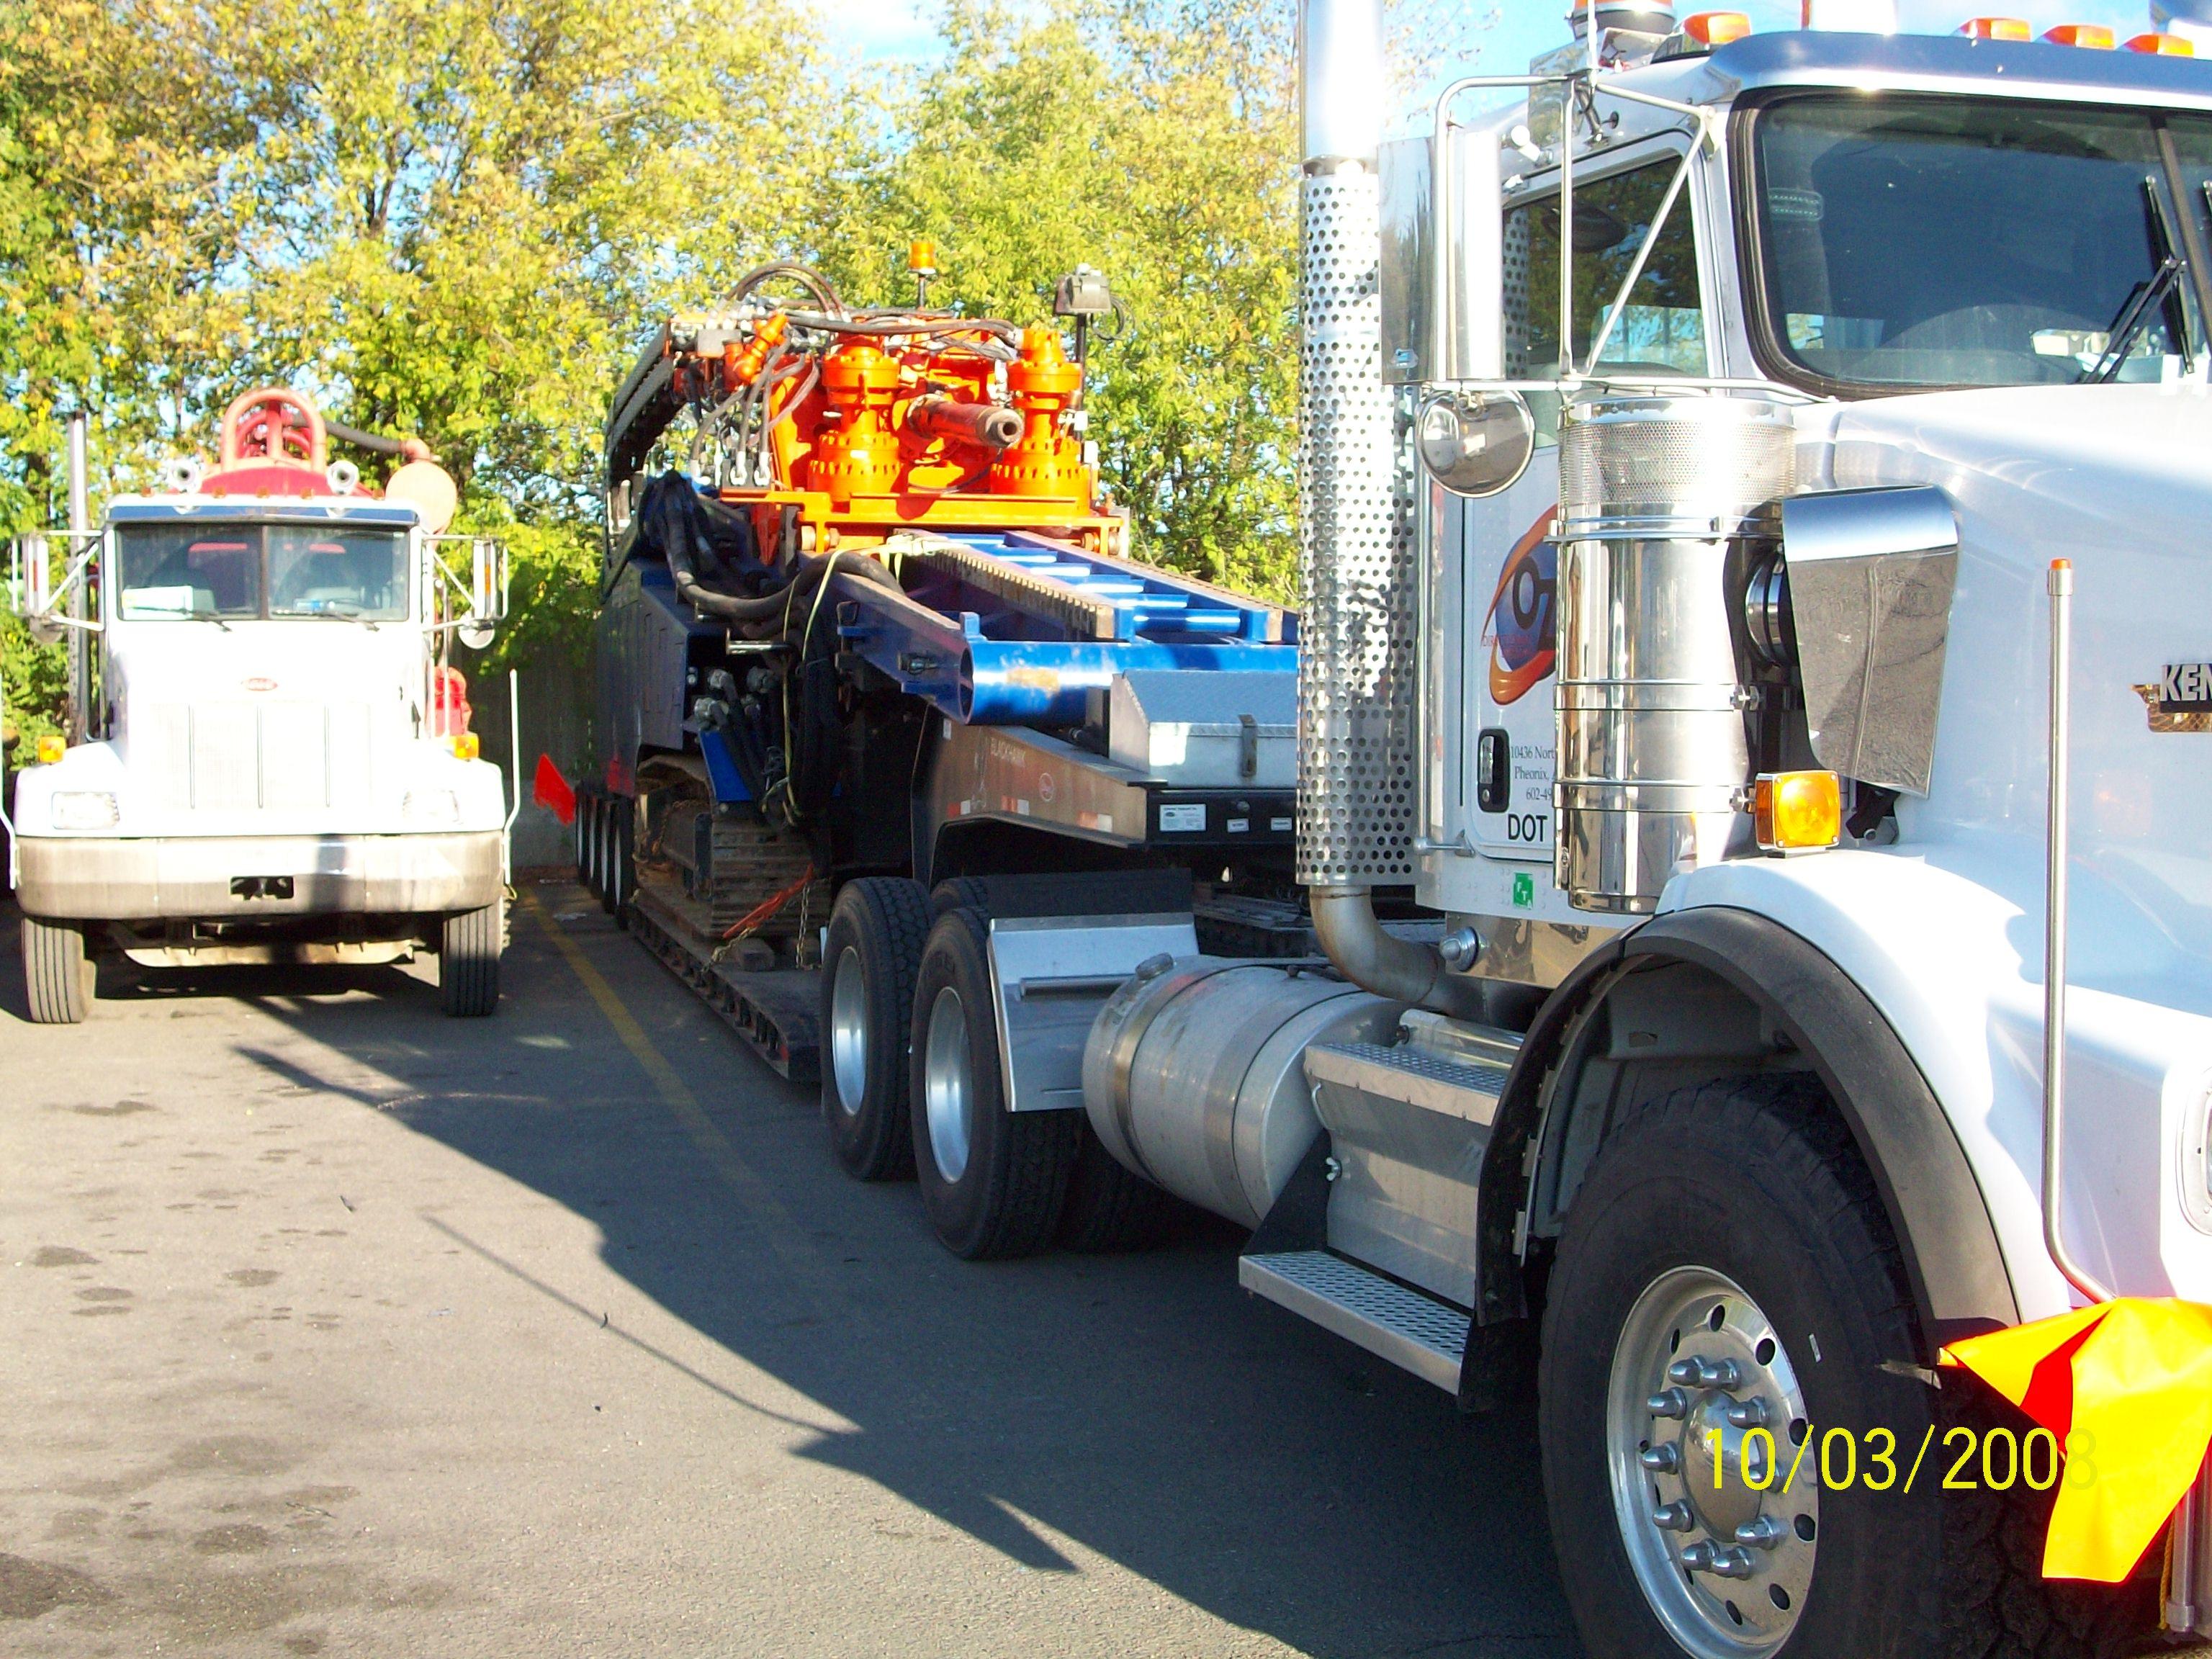 Drill Rig & Vac Truck